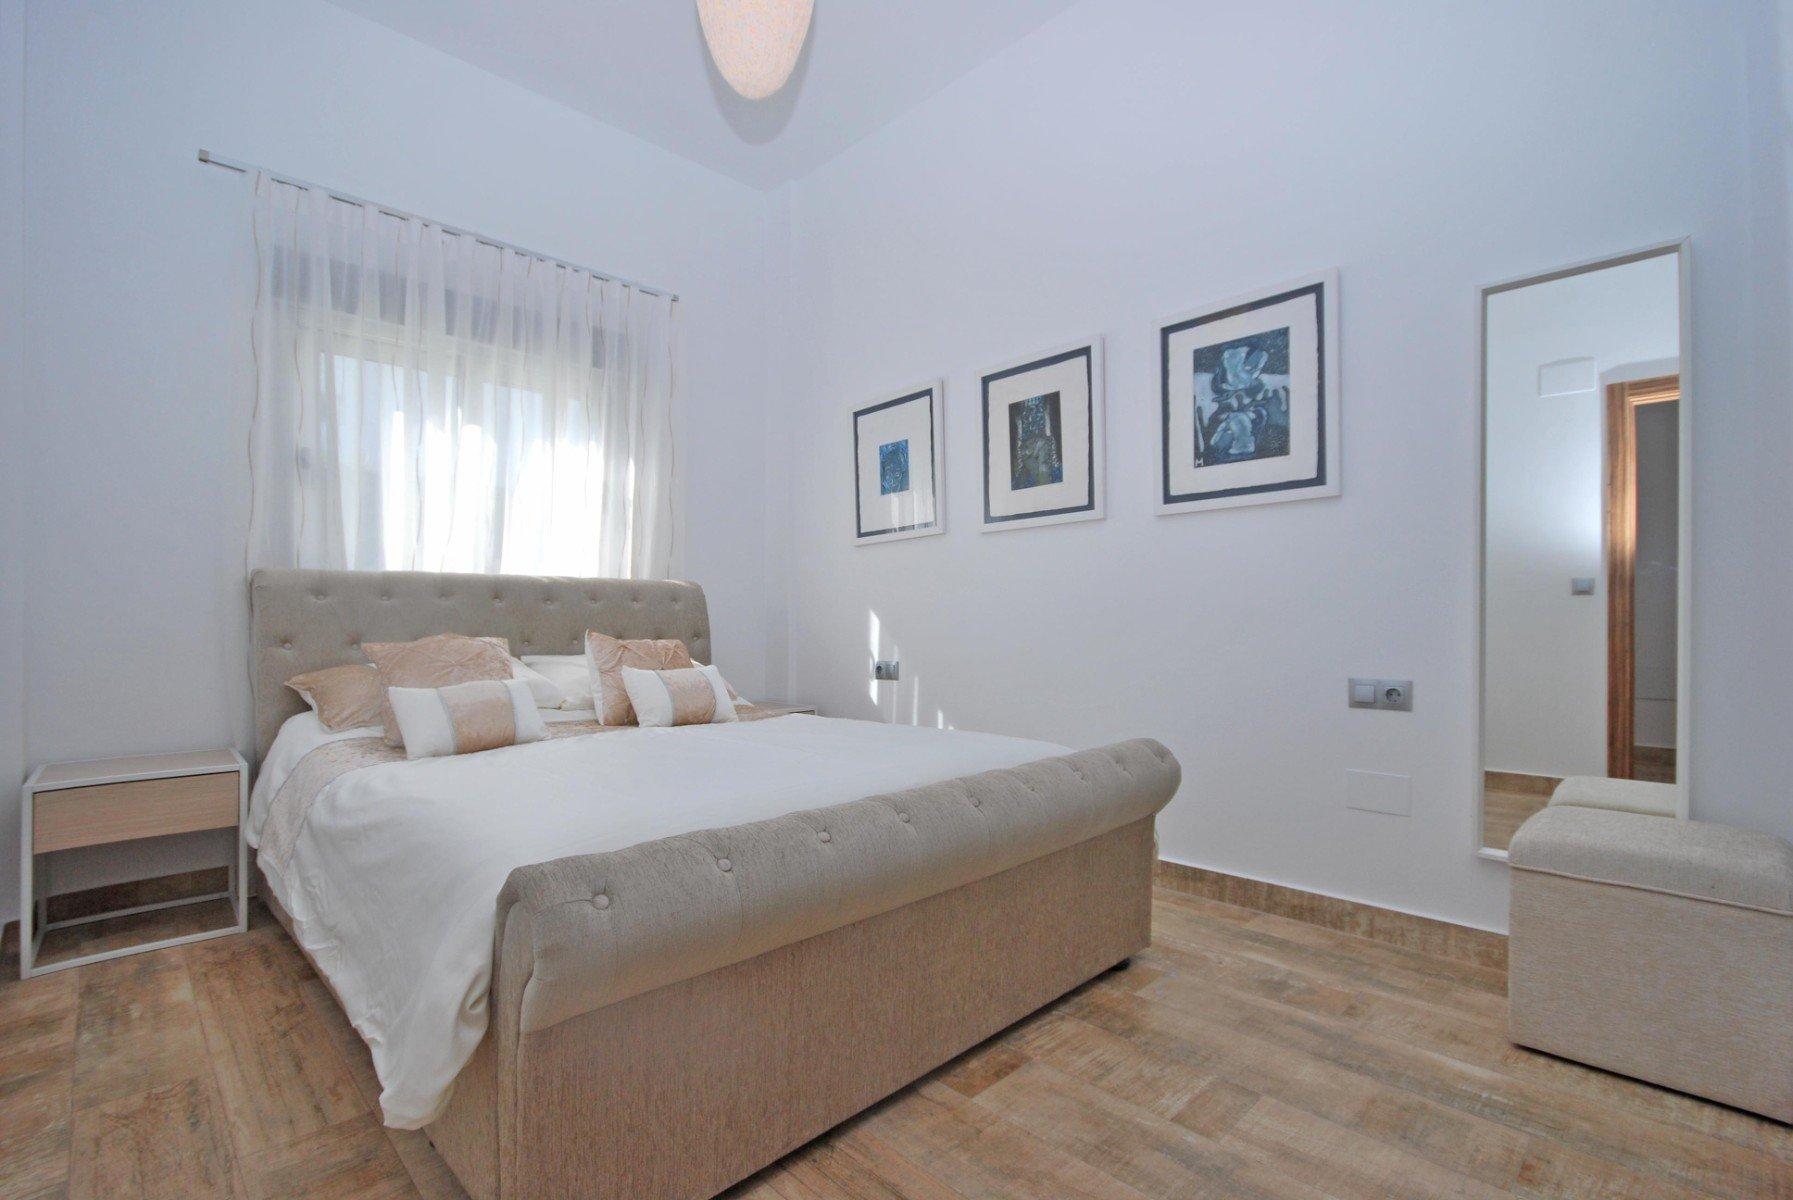 Recente moderne woning met 4 slaapkamers in de nabijheid van La Fustera